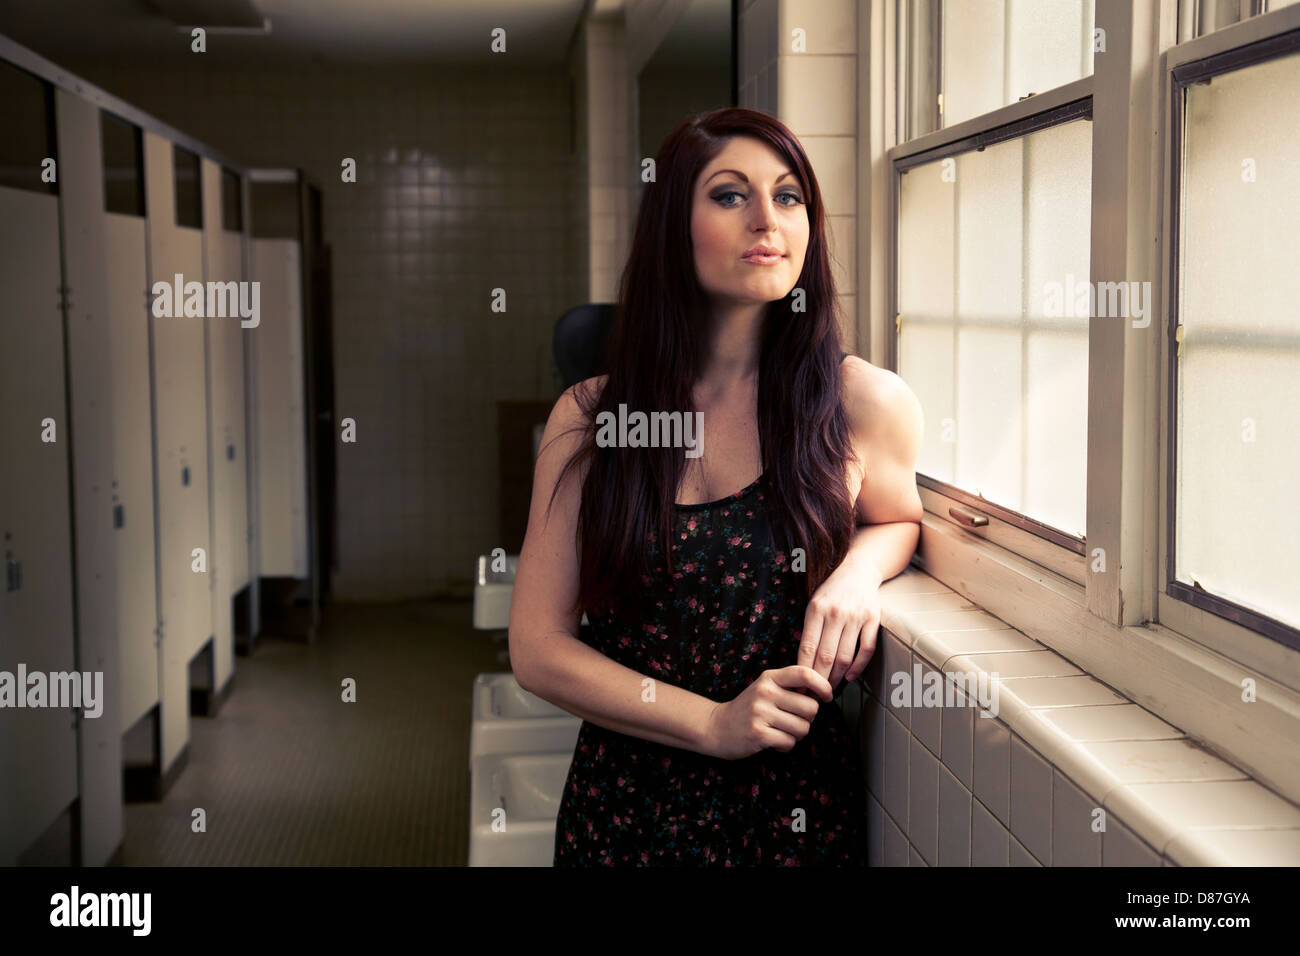 Frau stand neben Fenster in öffentlichen Bad Stockbild